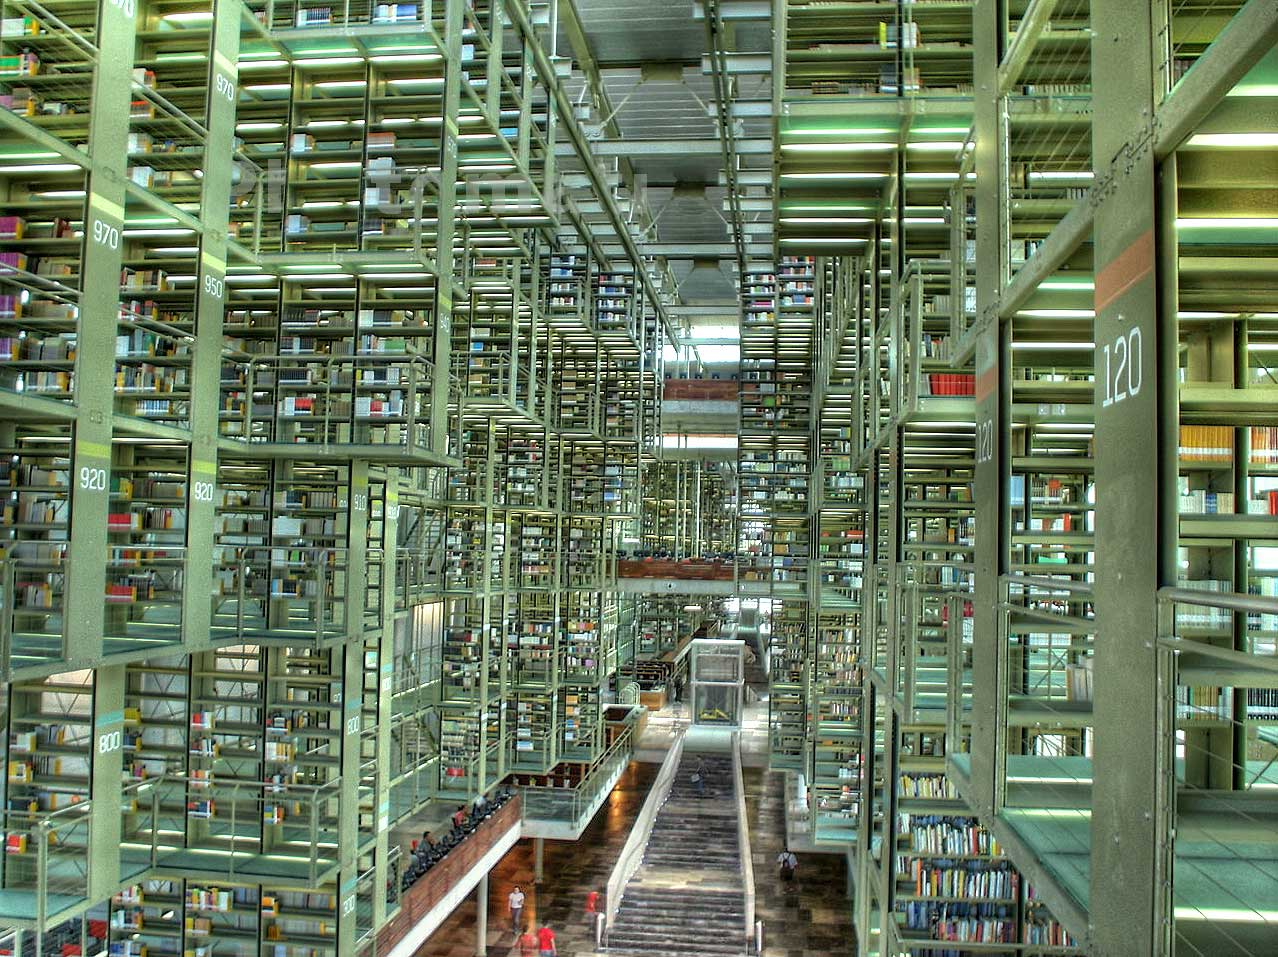 98 millones de dólares, y sigue subiendo el precio, costó construir está esplendorosa biblioteca.